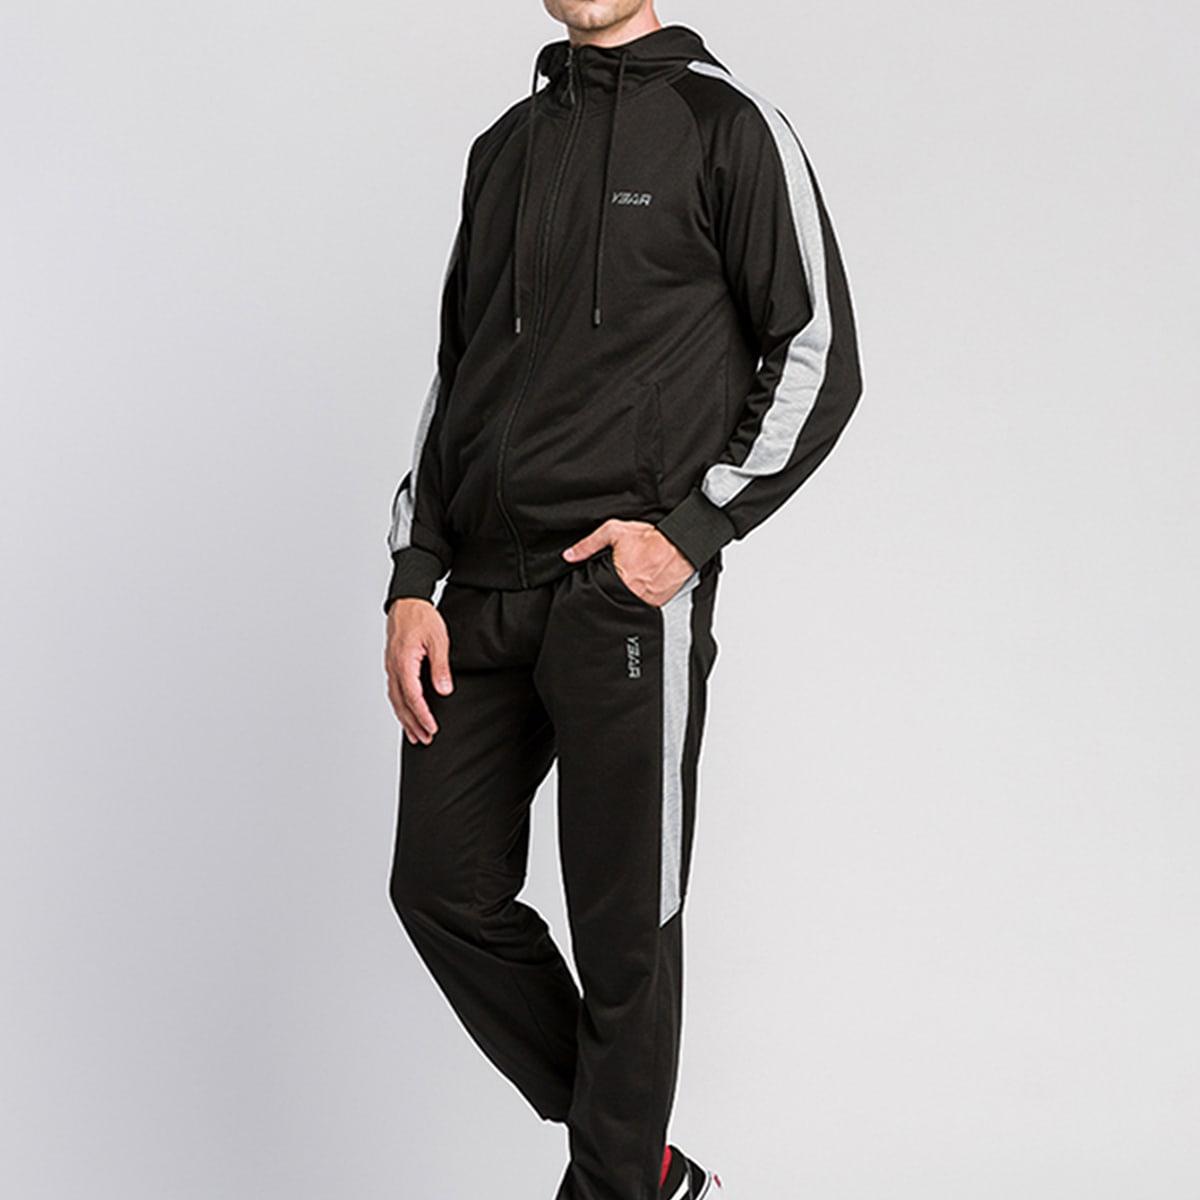 Мужские контрастные спортивные брюки и толстовка